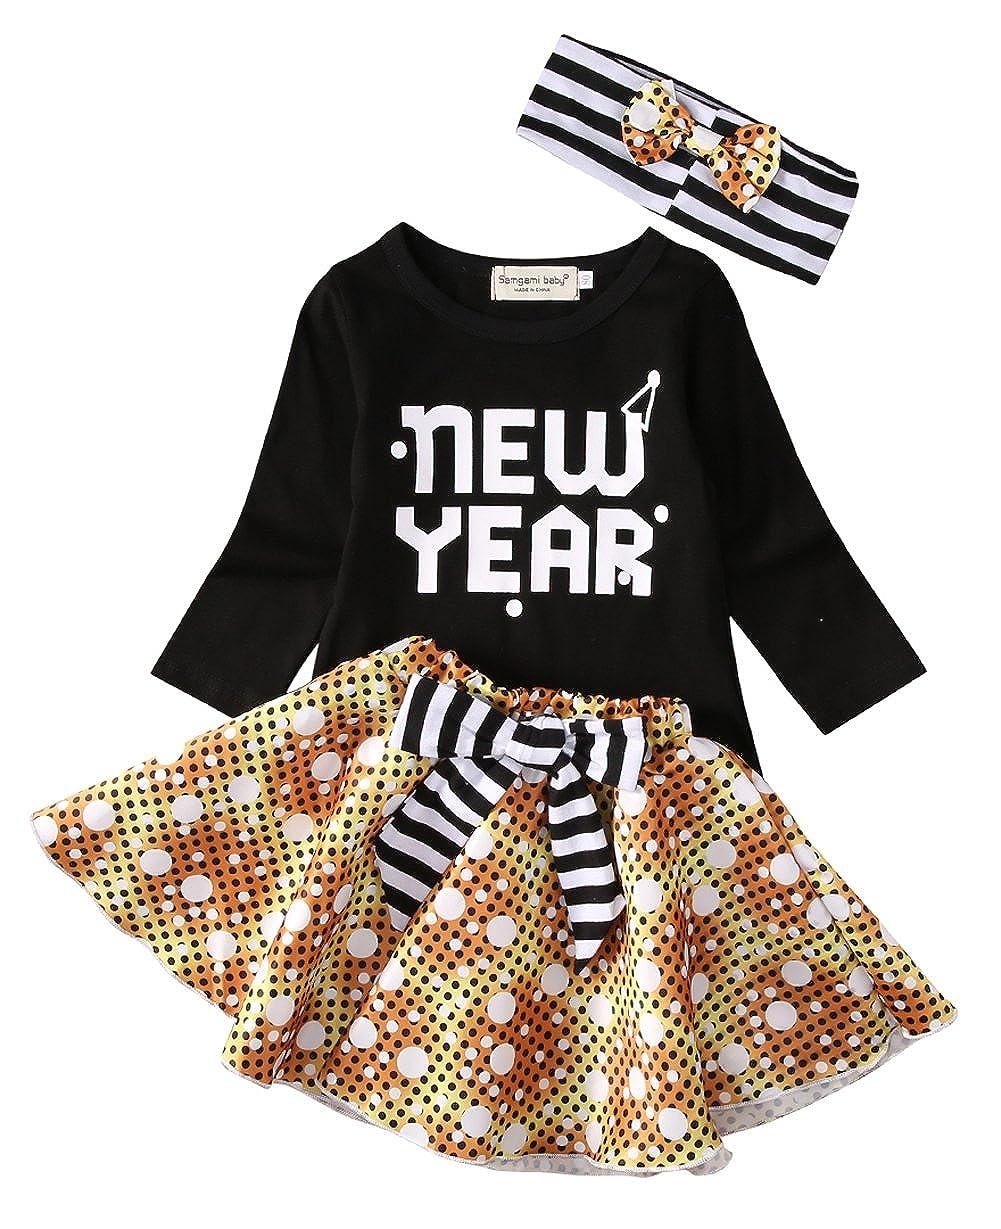 【公式】 女の子洋服セット新しい年キュートTop 12 +ドット柄チュチュフリルスカートヘアバンド 6 - 6 12 Months - B01M7T0RHJ, 知床興農ファームWEB直売店:ba7fe2de --- quiltersinfo.yarnslave.com